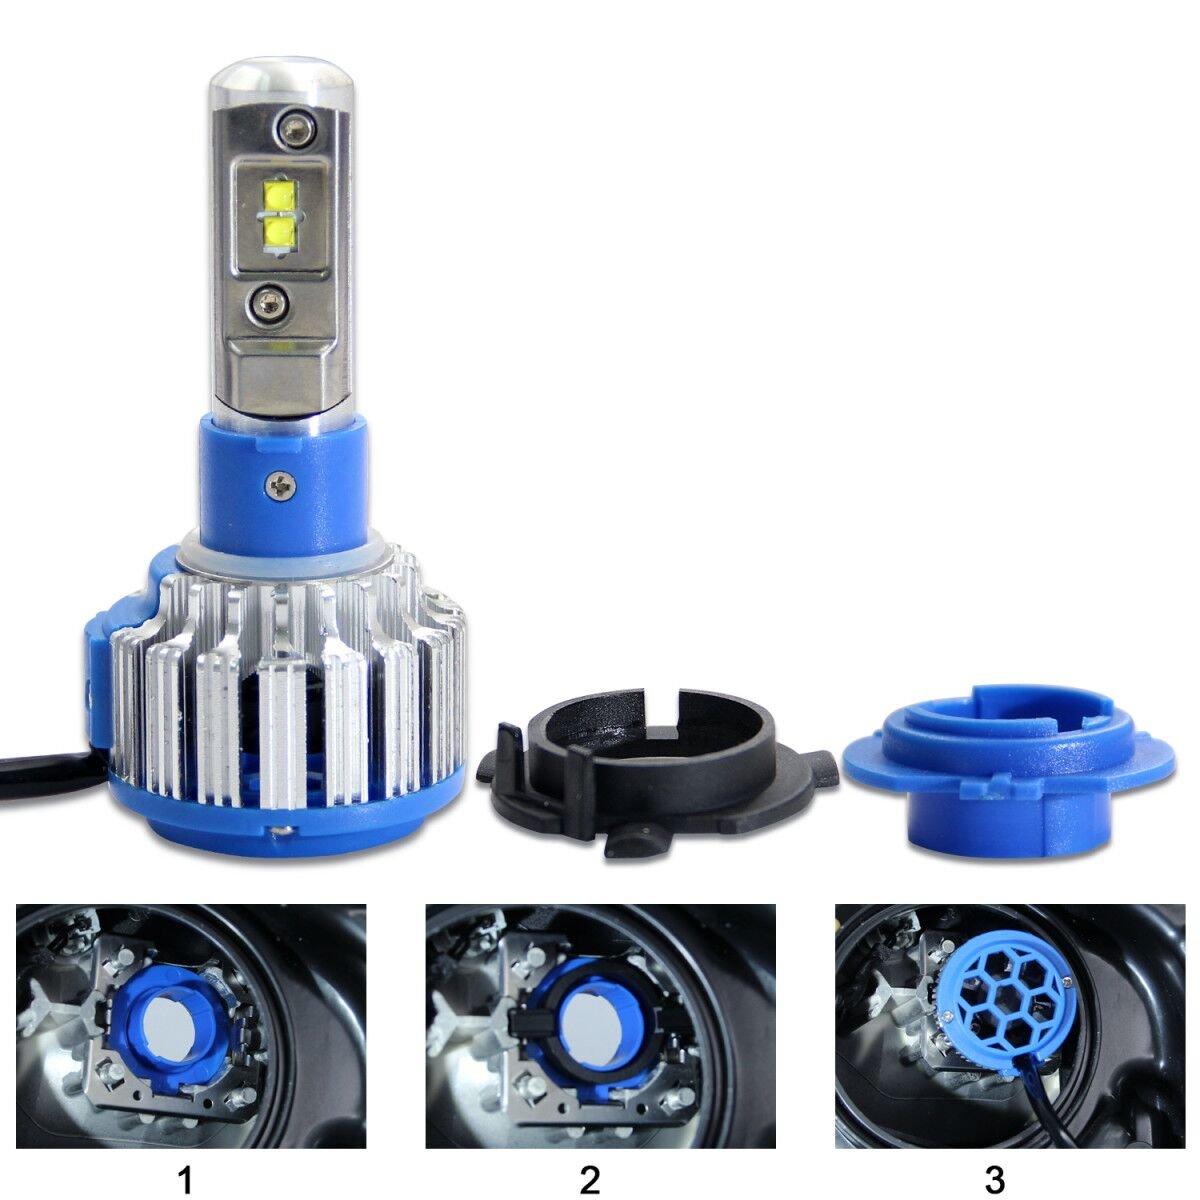 Win Power H7 LED Base de la bombilla Clips Adaptador Poseedor Apoyo Enchufe Accesorios de conversión de zócalo de lámpara LED, 2 Piezas: Amazon.es: Coche y ...